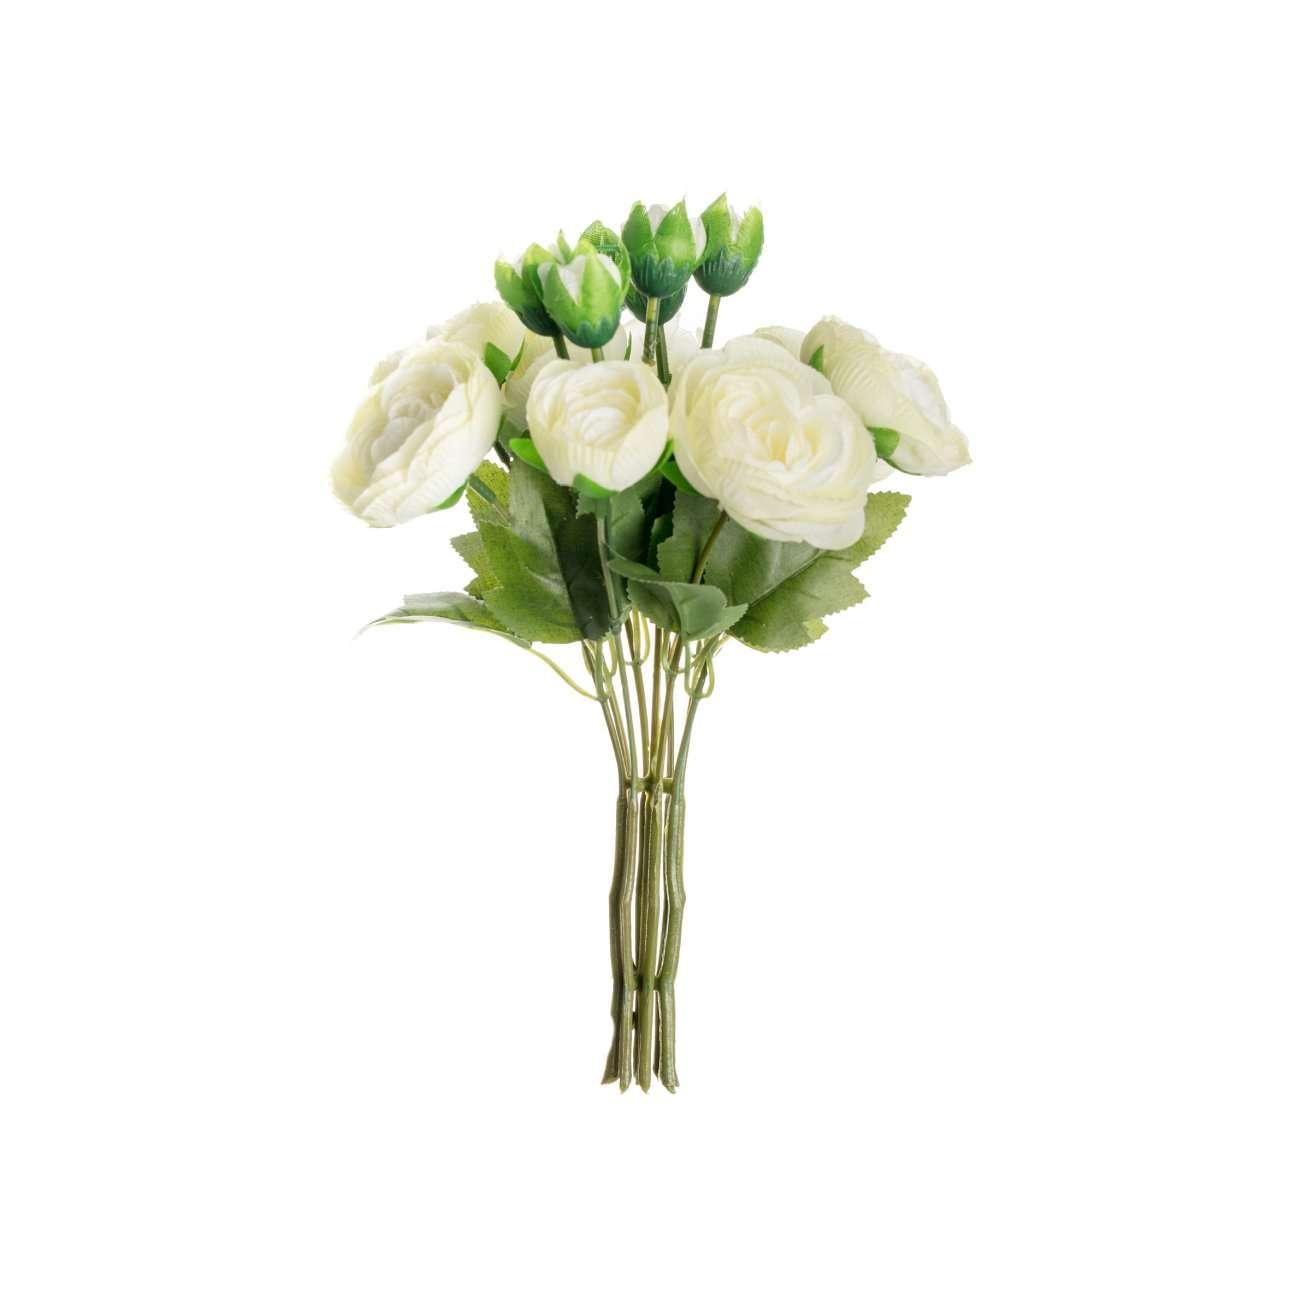 Artificial White Roses Bouquet H 25 cm